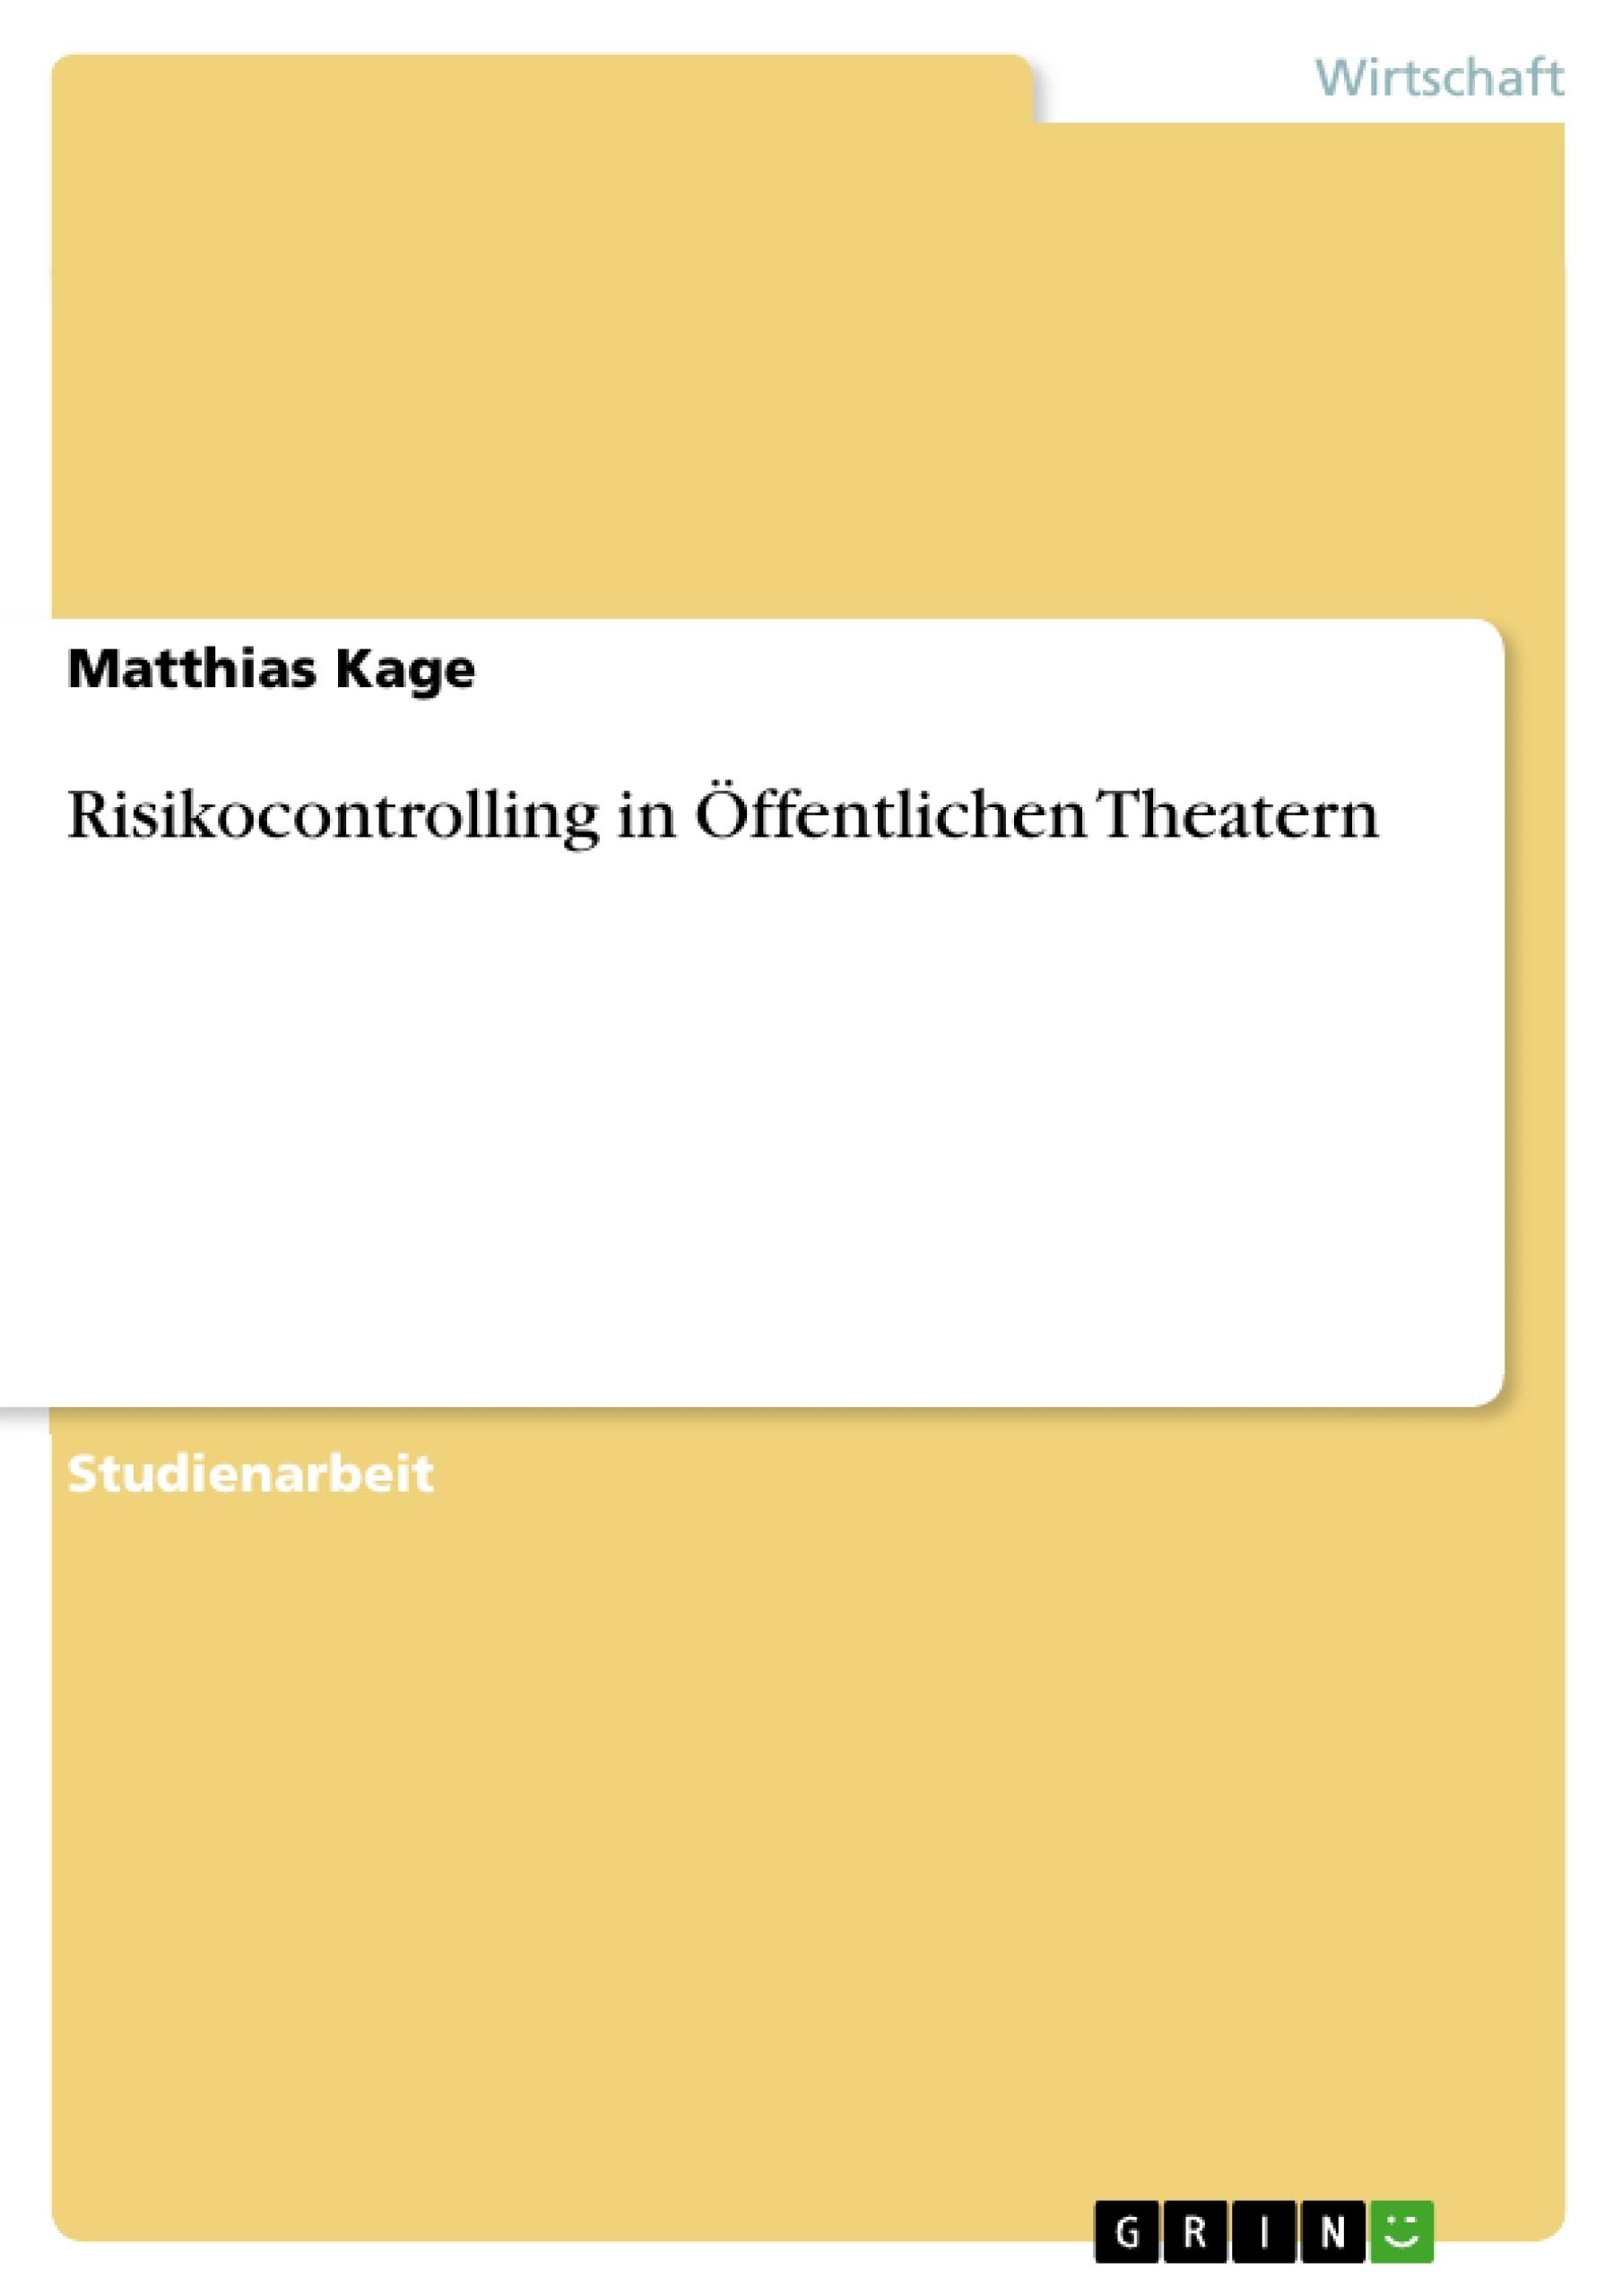 Titel: Risikocontrolling in Öffentlichen Theatern